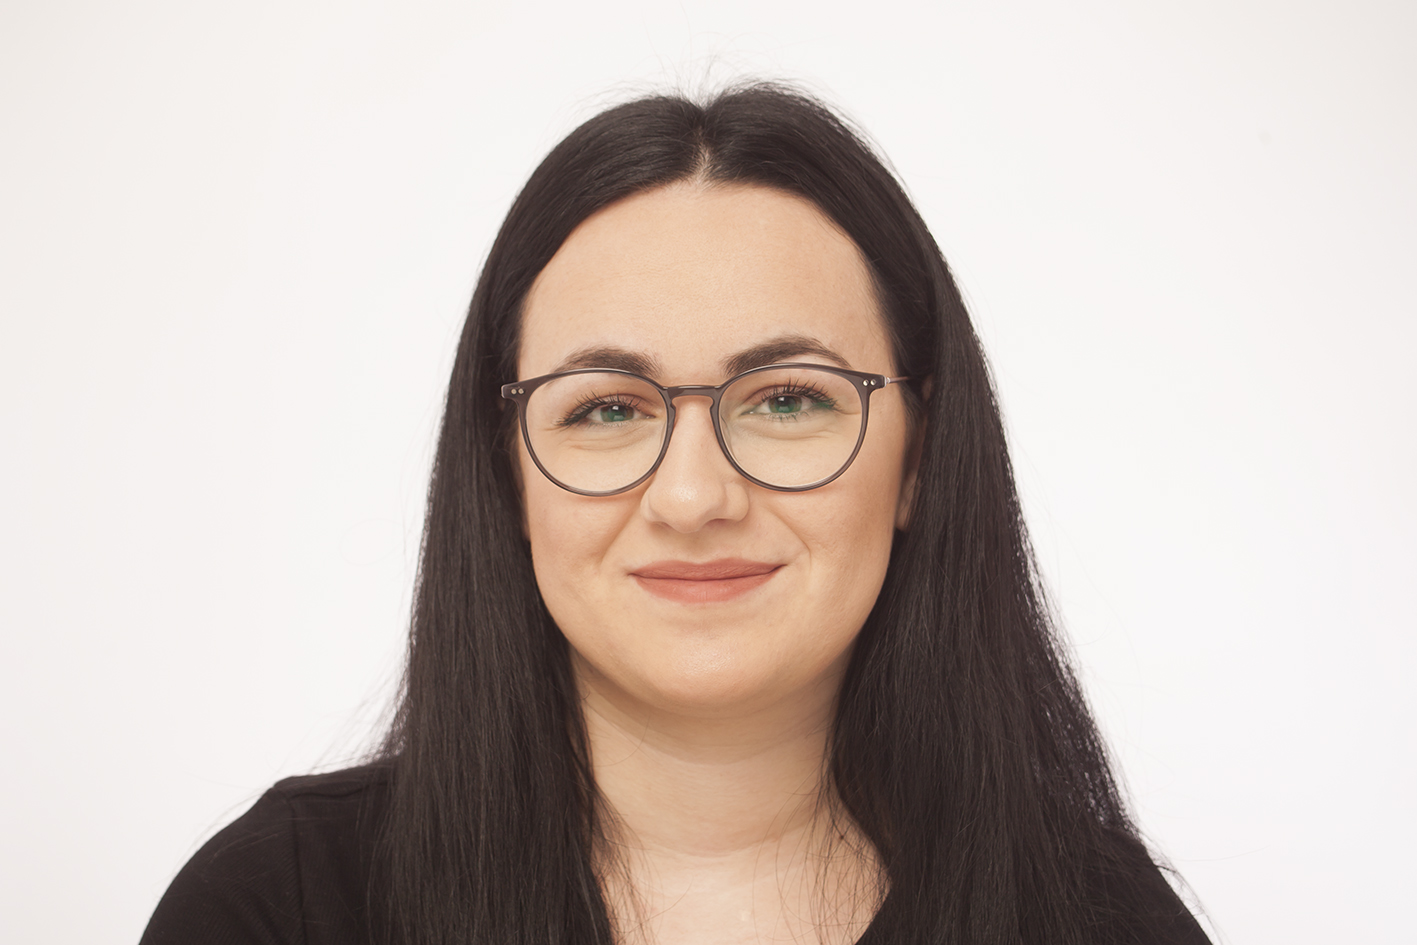 Frau Livancic